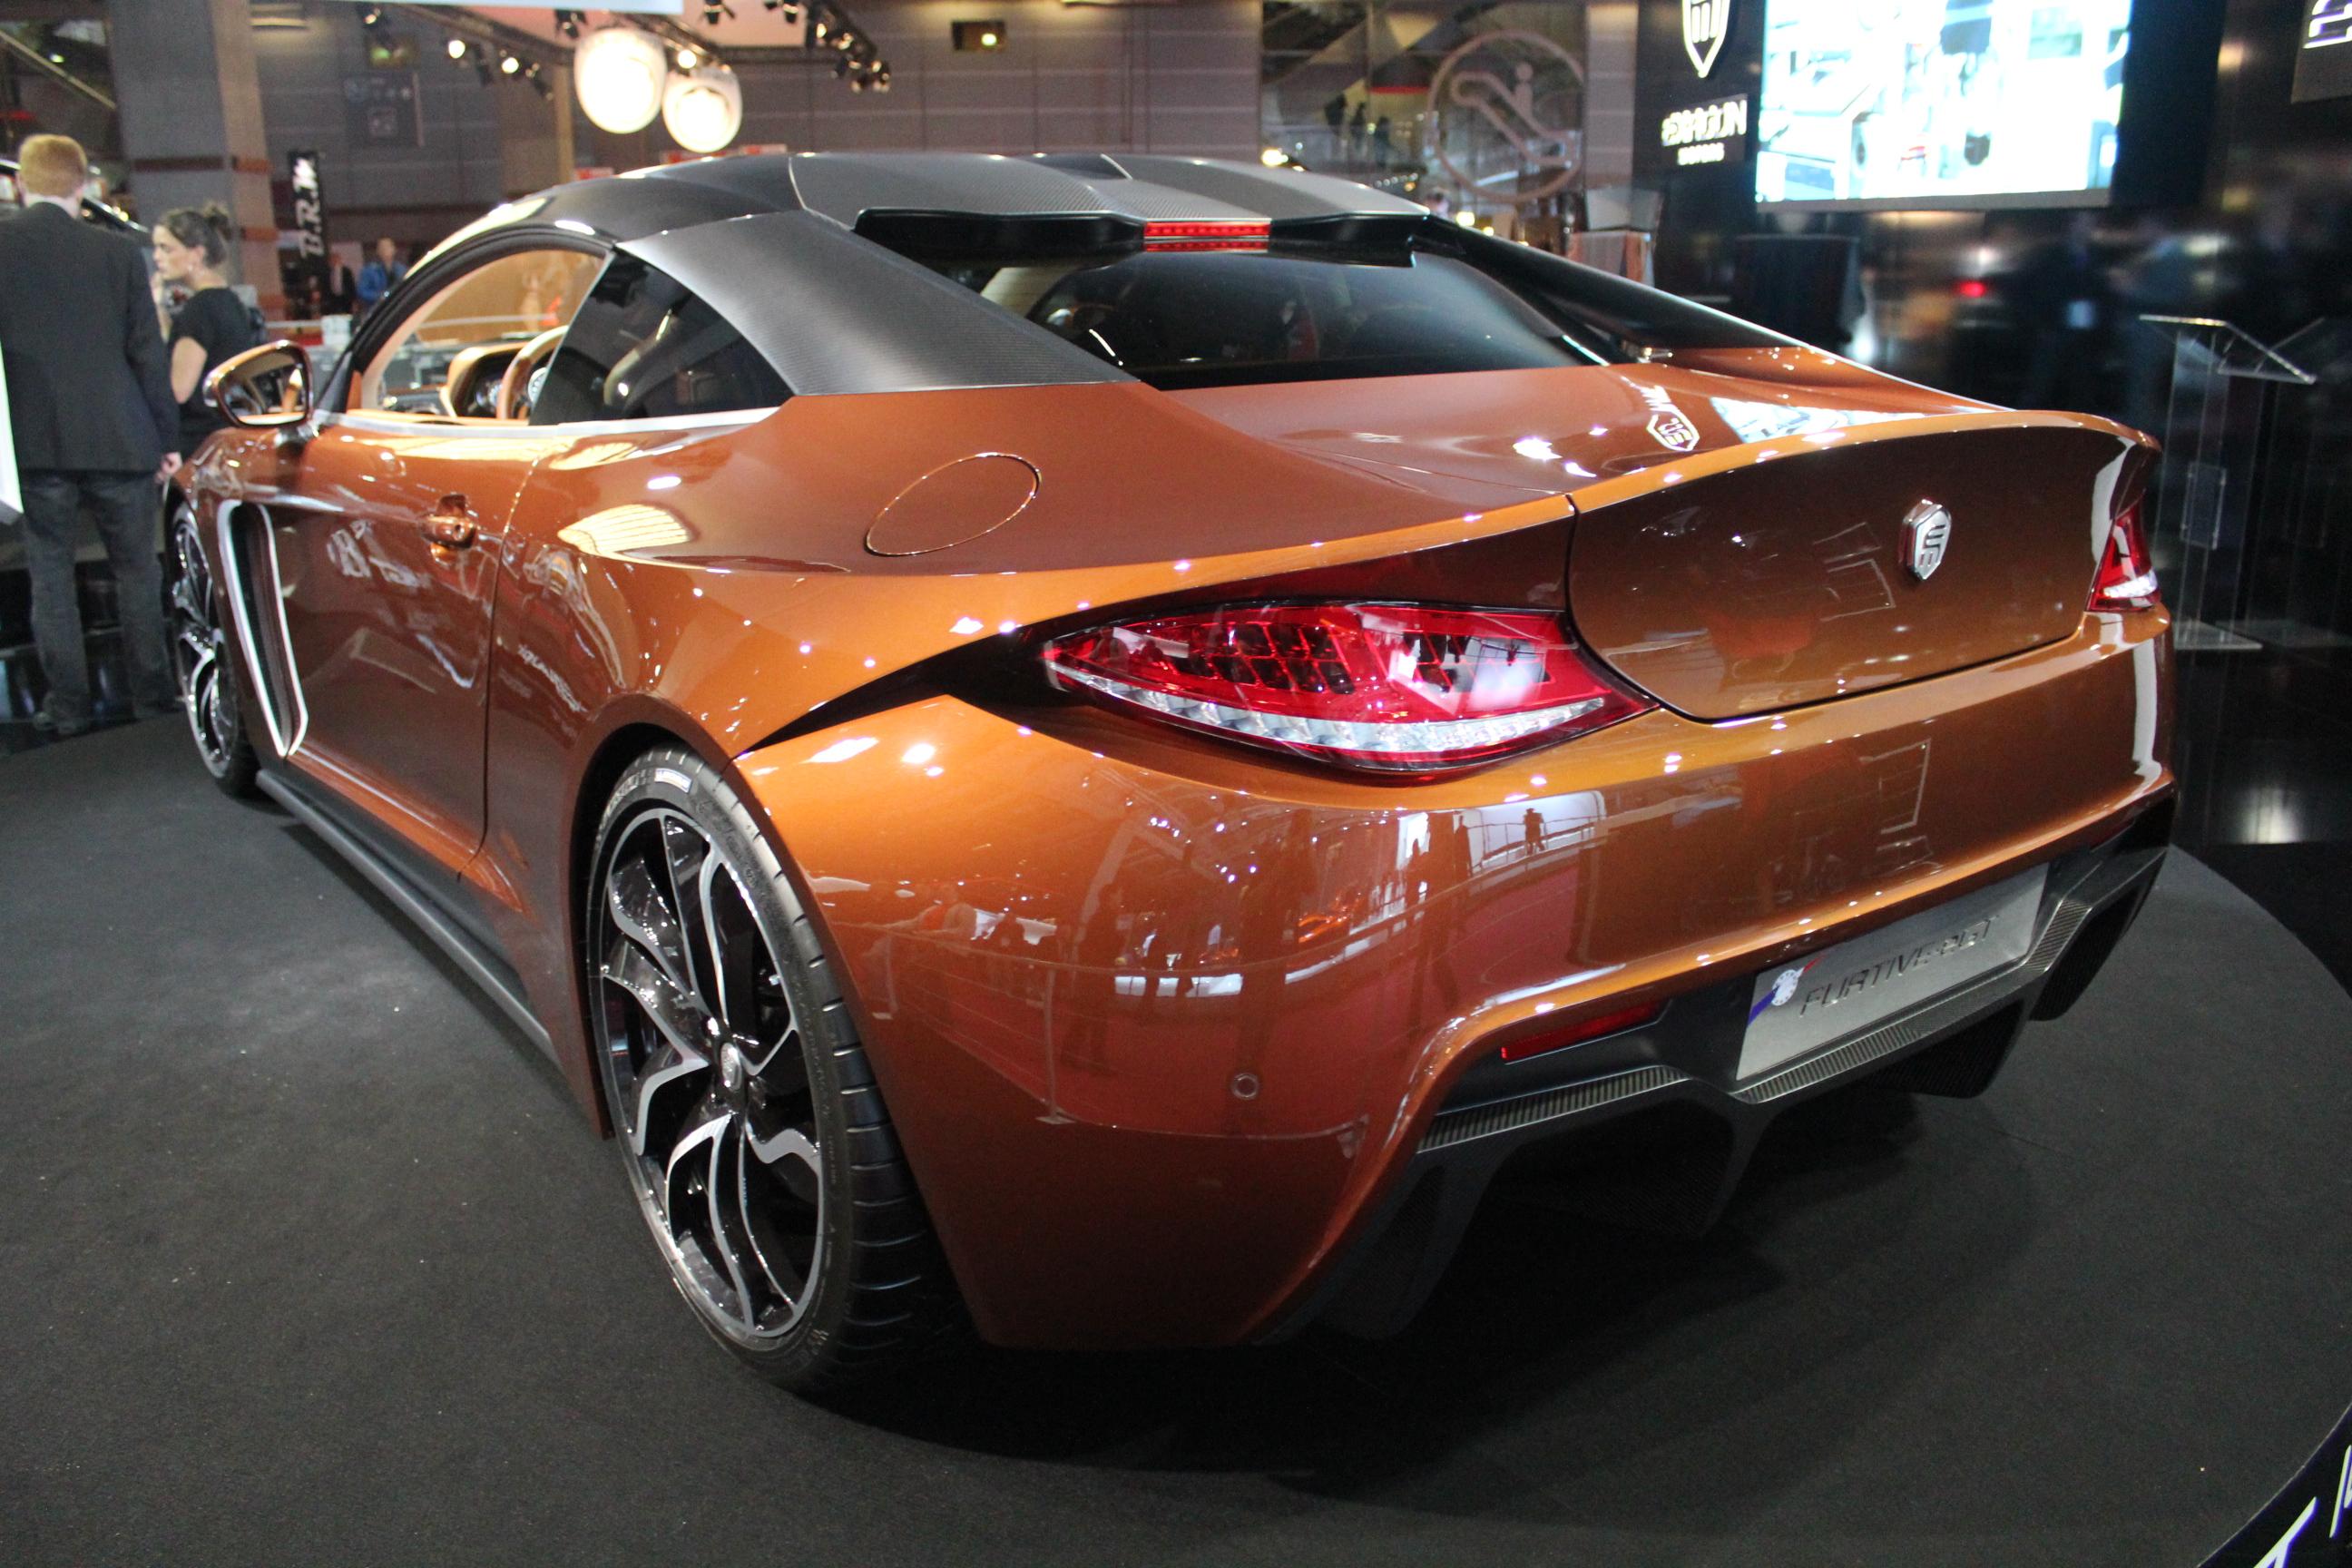 http://images.caradisiac.com/images/1/3/7/5/81375/S0-En-direct-du-Mondial-2012-Exagon-Motors-Furtive-e-GT-une-Fisker-Karma-a-la-francaise-274378.jpg